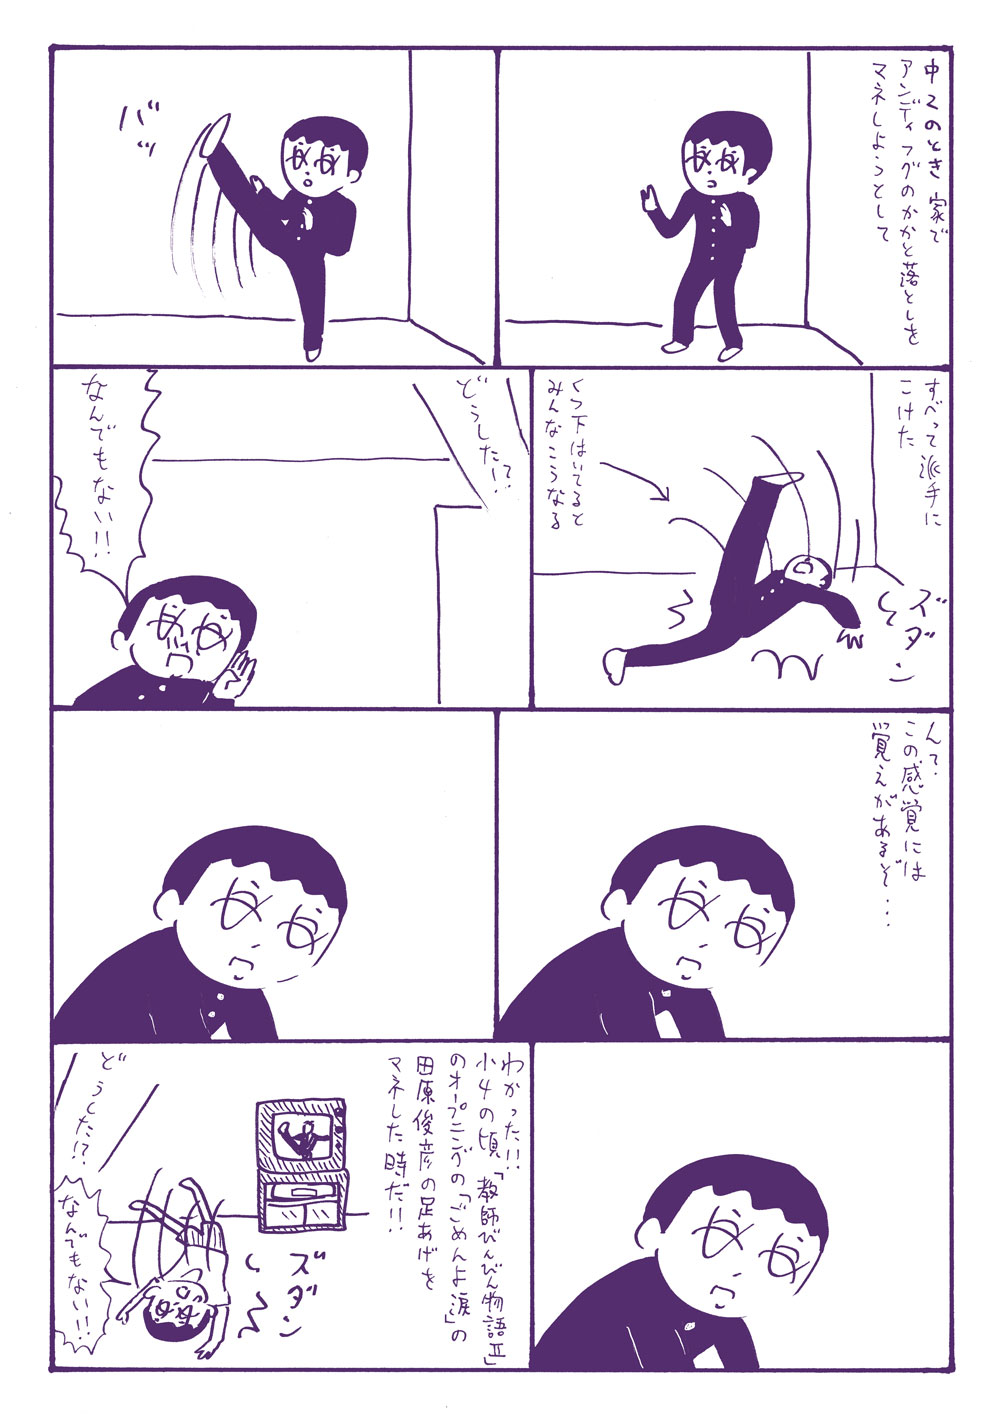 oohashi-10